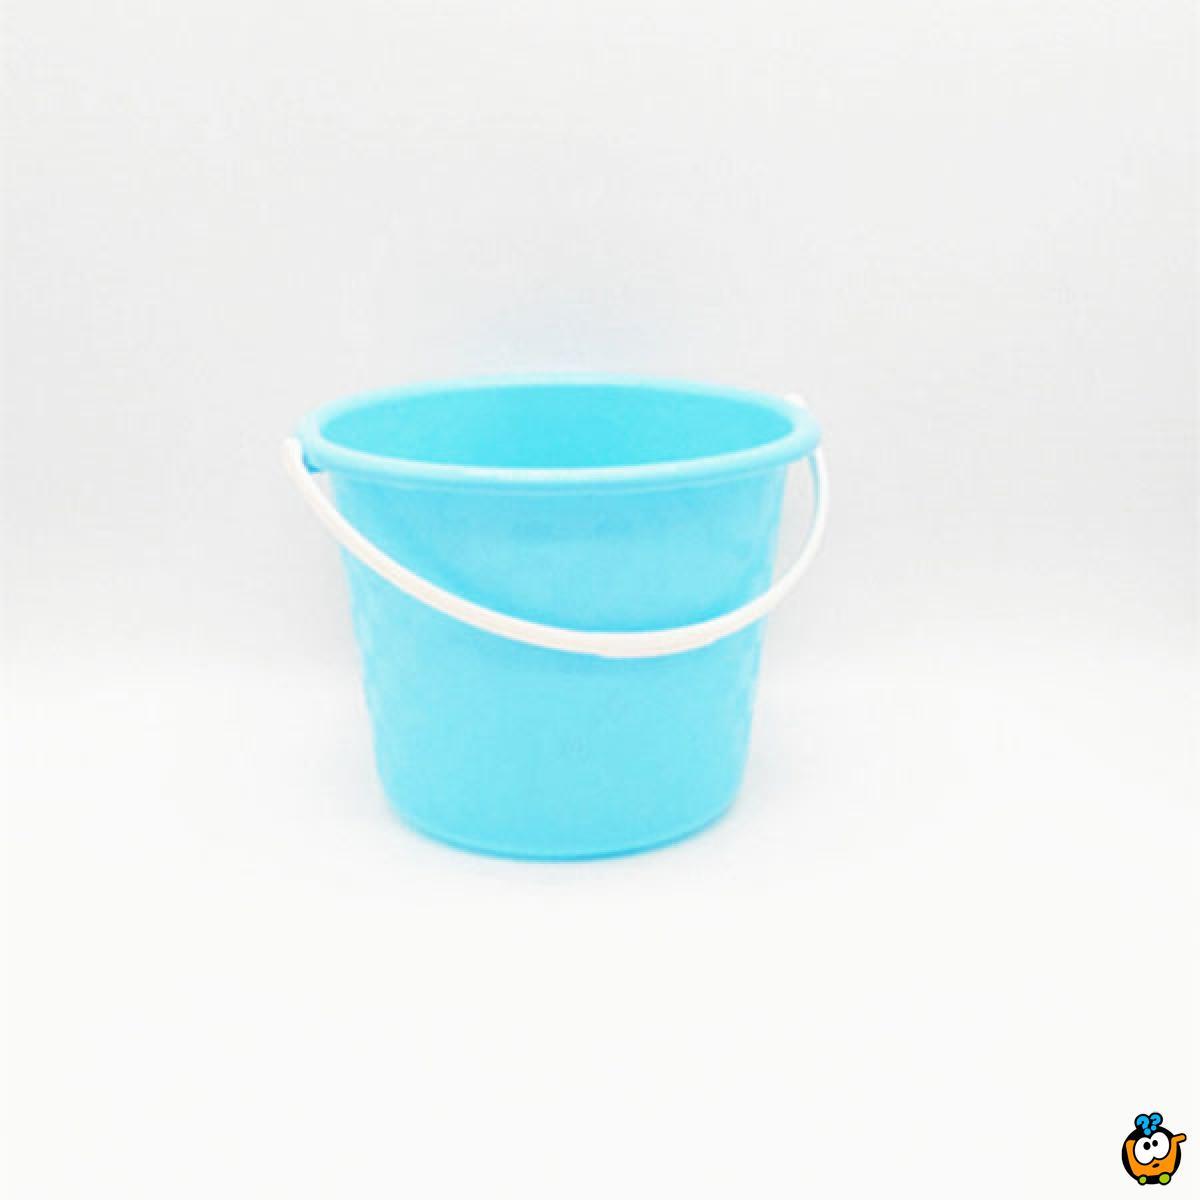 Mala plastična prenosiva kofa